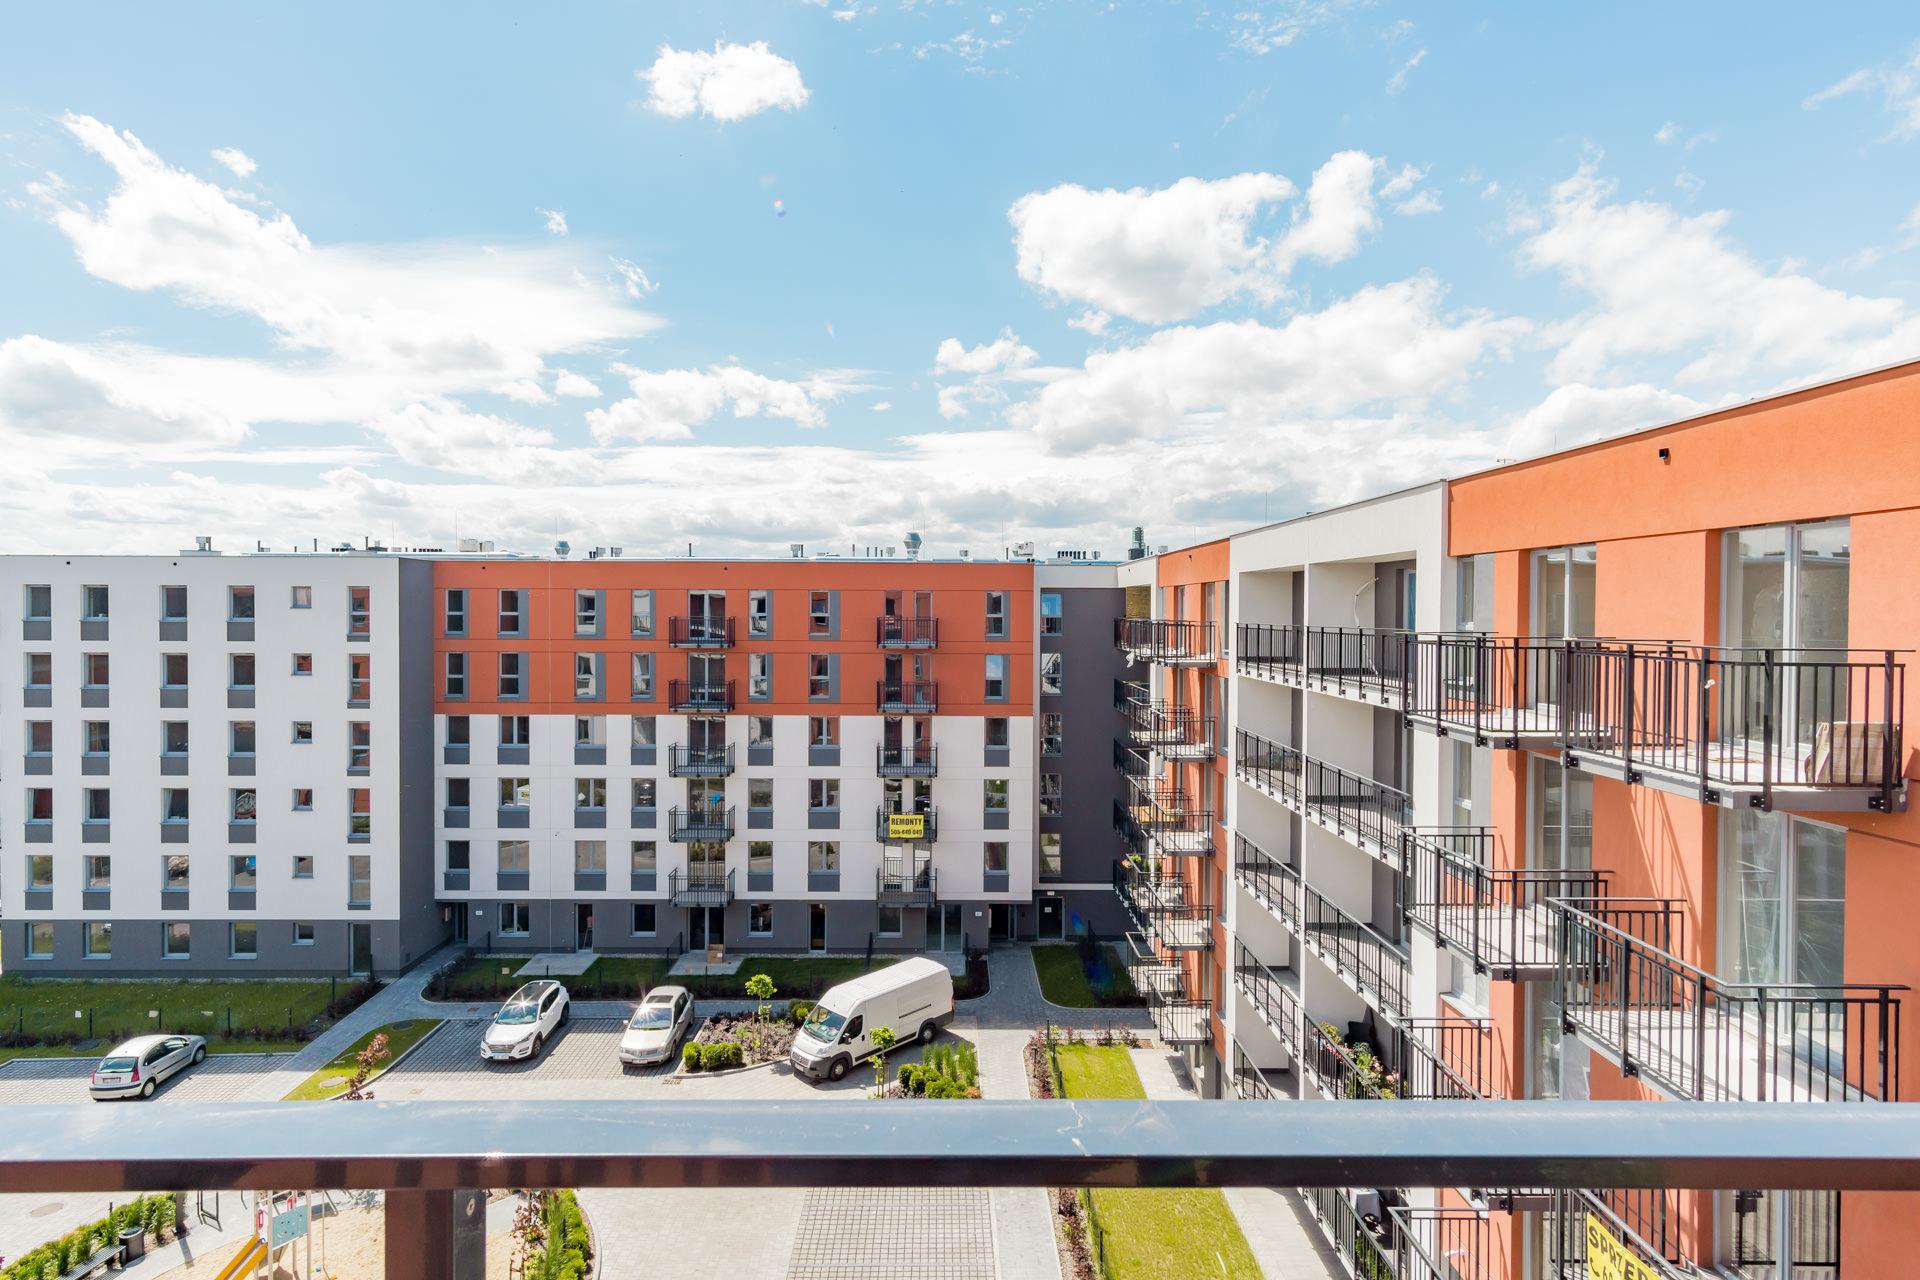 Projekt wnętrz nowoczesny apartamentowiec